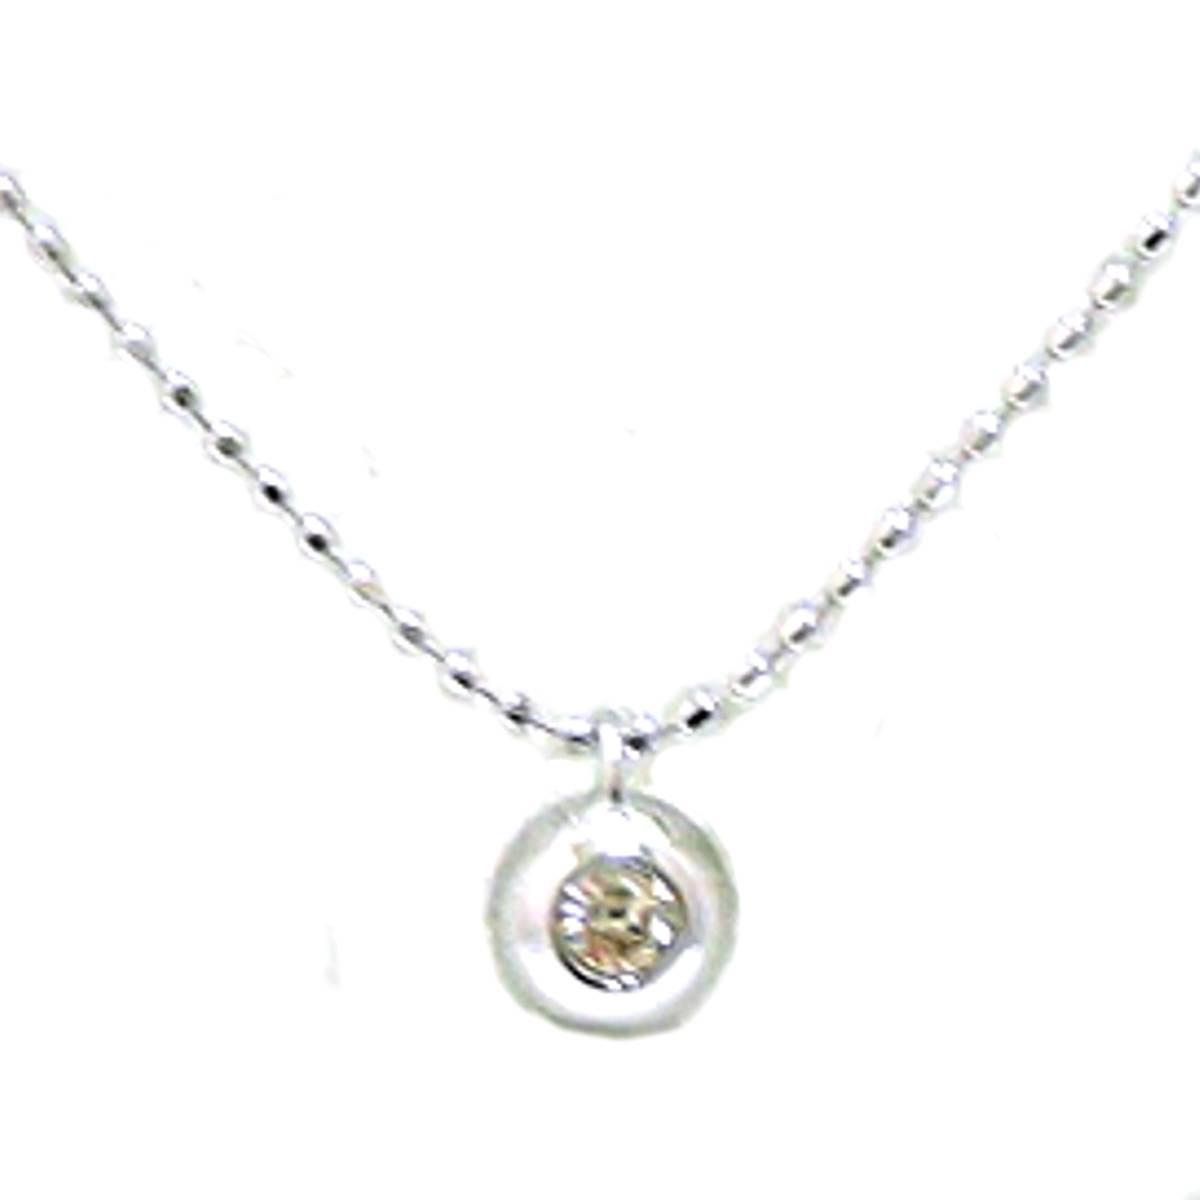 【中古】 1粒ダイヤトップネックレス K18WG/18金ホワイトゴールド×ダイヤモンド 首周り約40cm 重量約1.2g FS Bランク